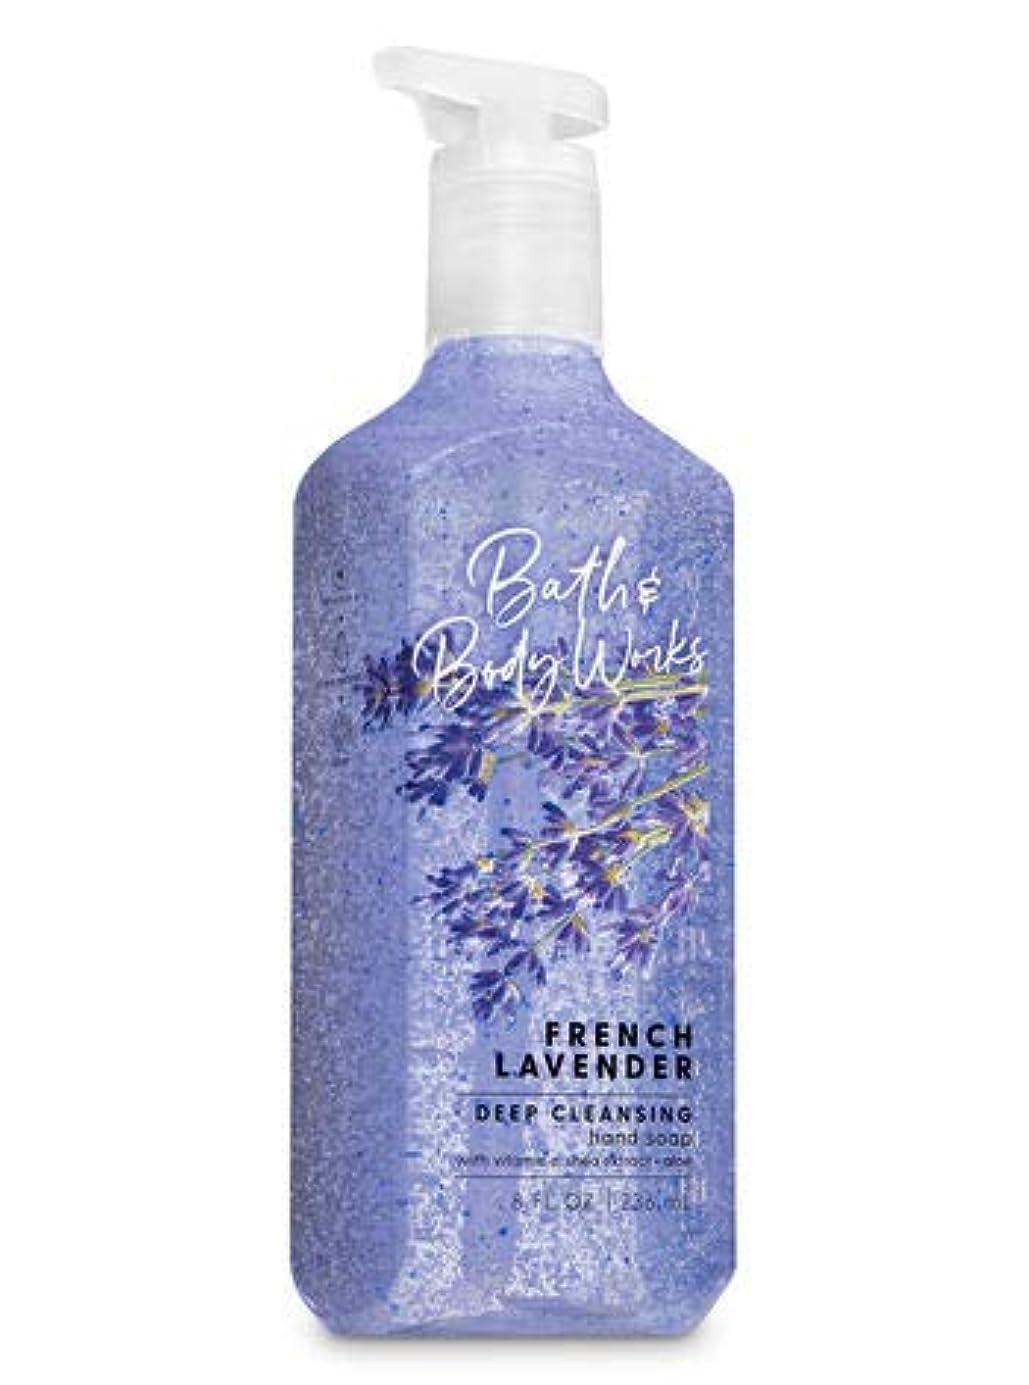 ぴかぴかクライアント拮抗するバス&ボディワークス フレンチラベンダー ディープクレンジングハンドソープ French Lavender Deep Cleansing Hand Soap